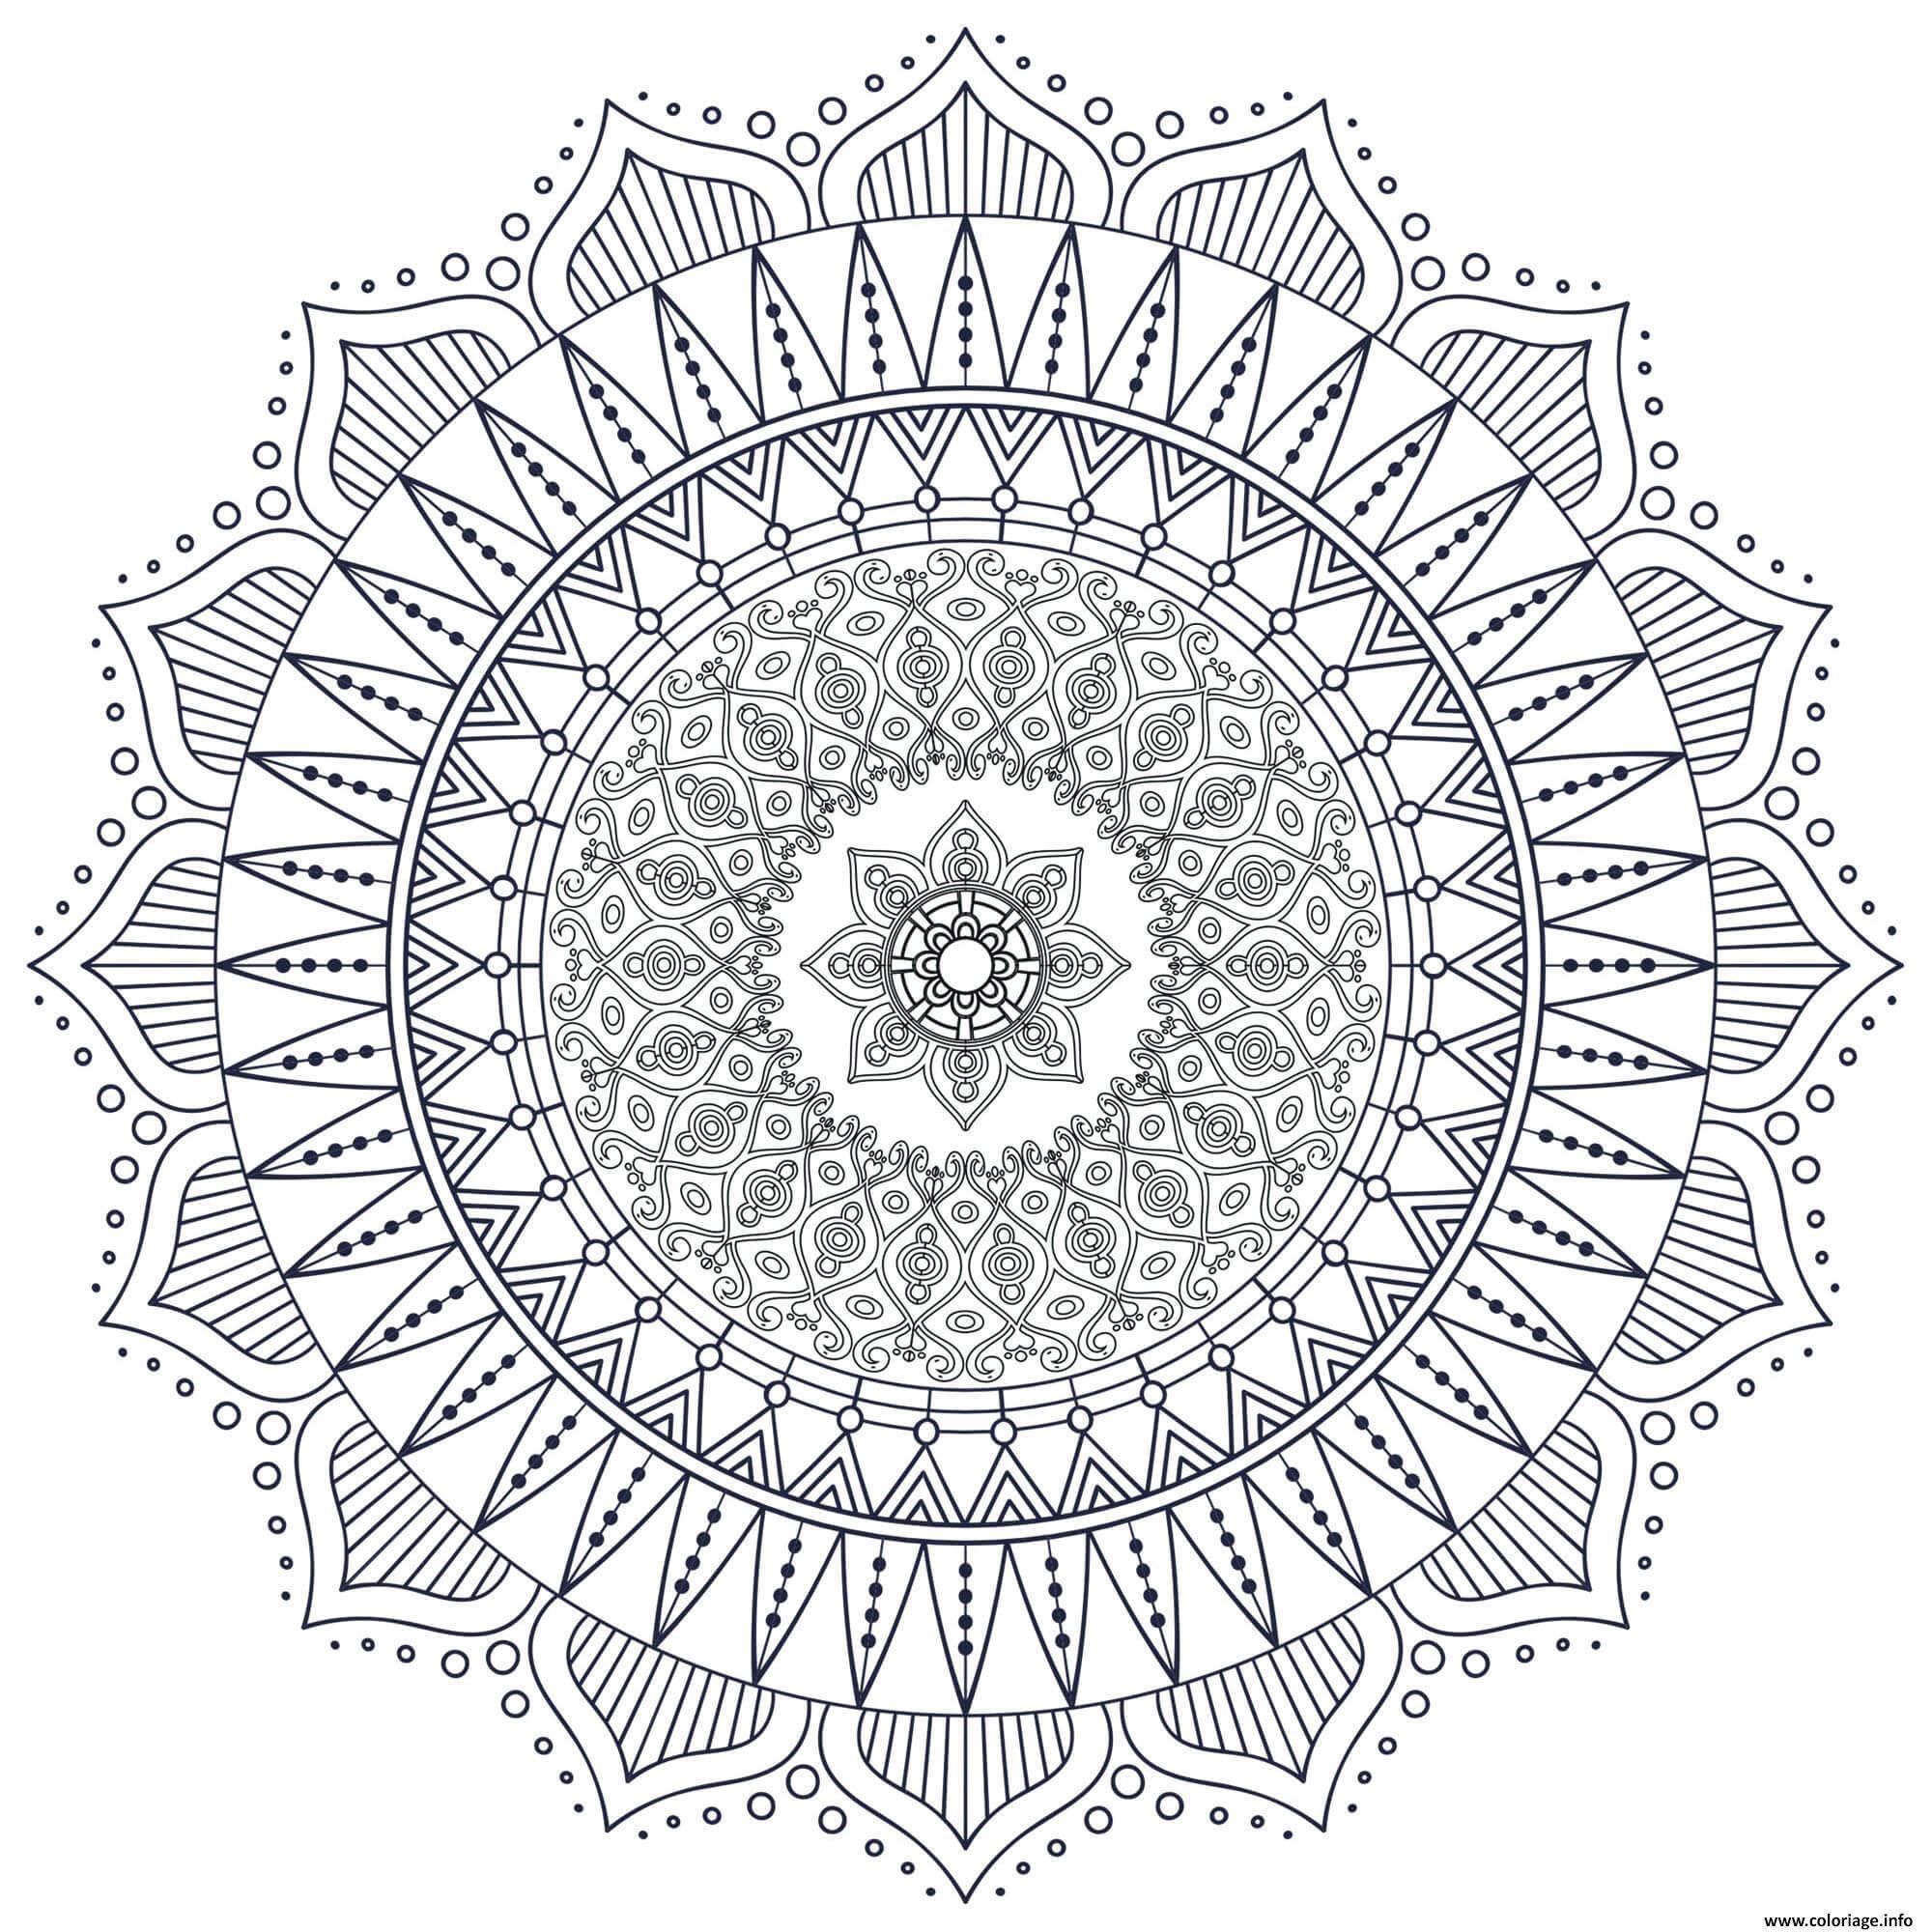 Dessin mandala zen antistress formes geometriques Coloriage Gratuit à Imprimer